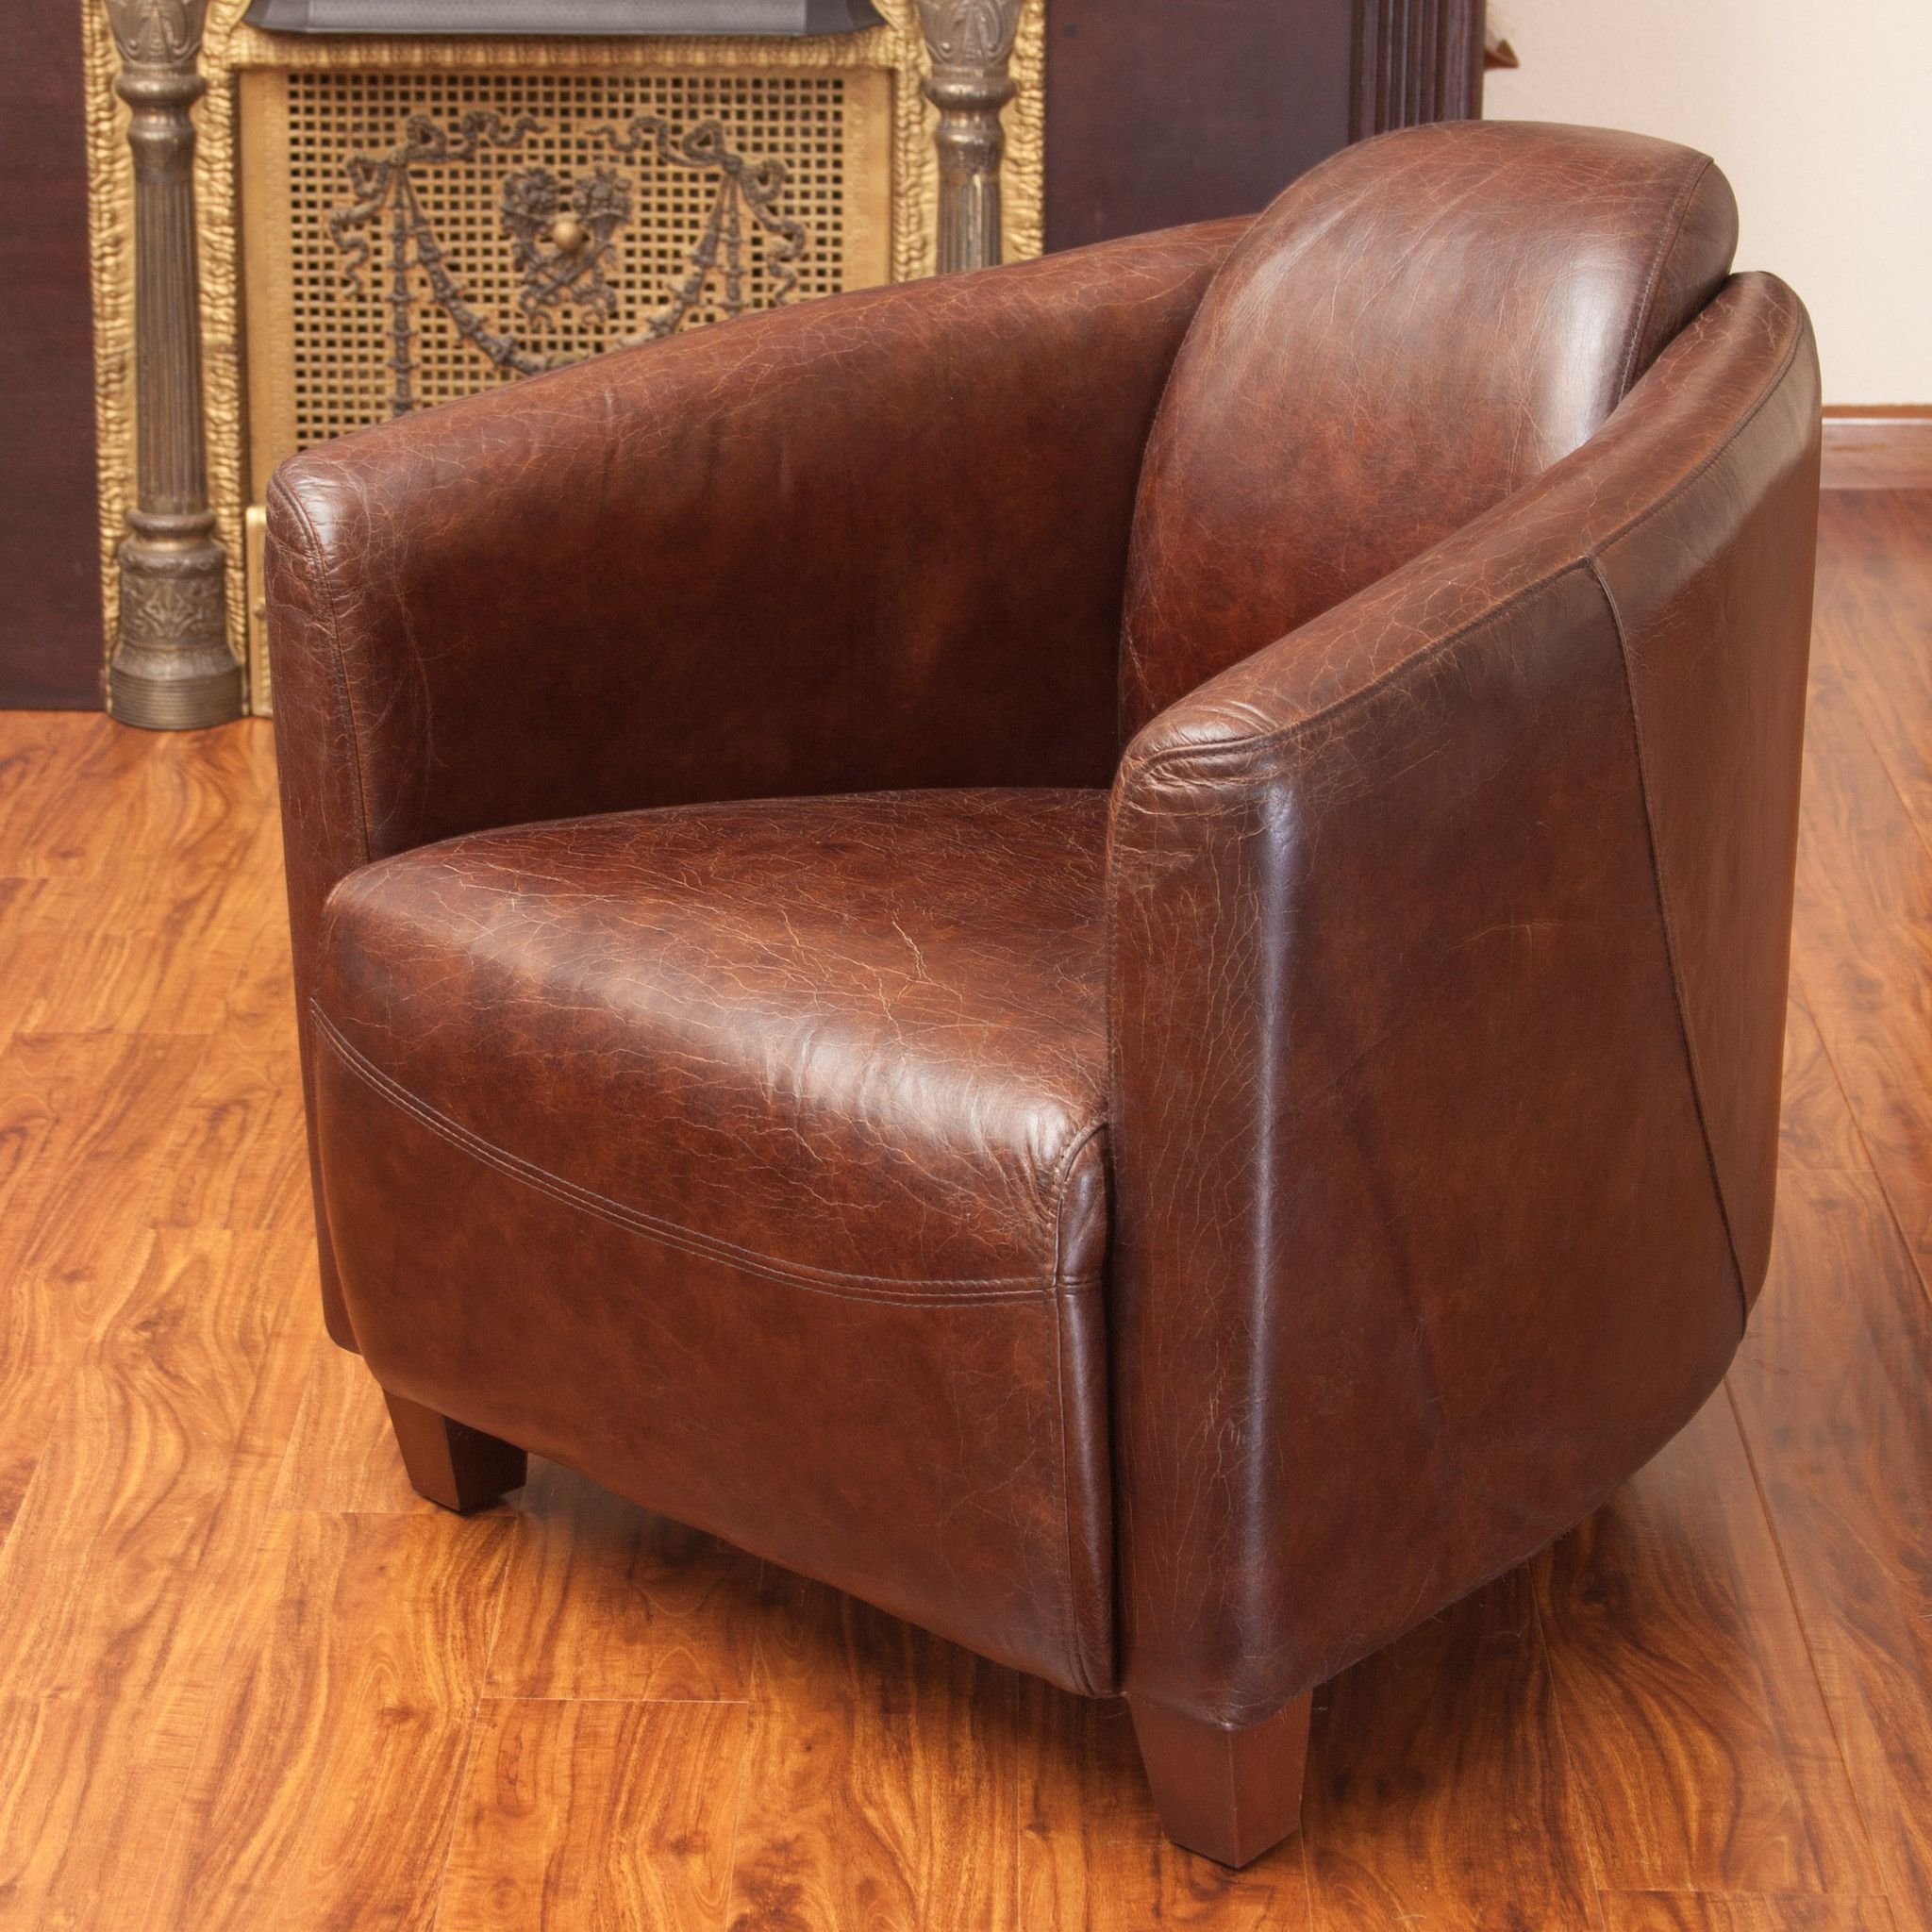 Merveilleux Abram Brown Top Grain Leather Club Chair